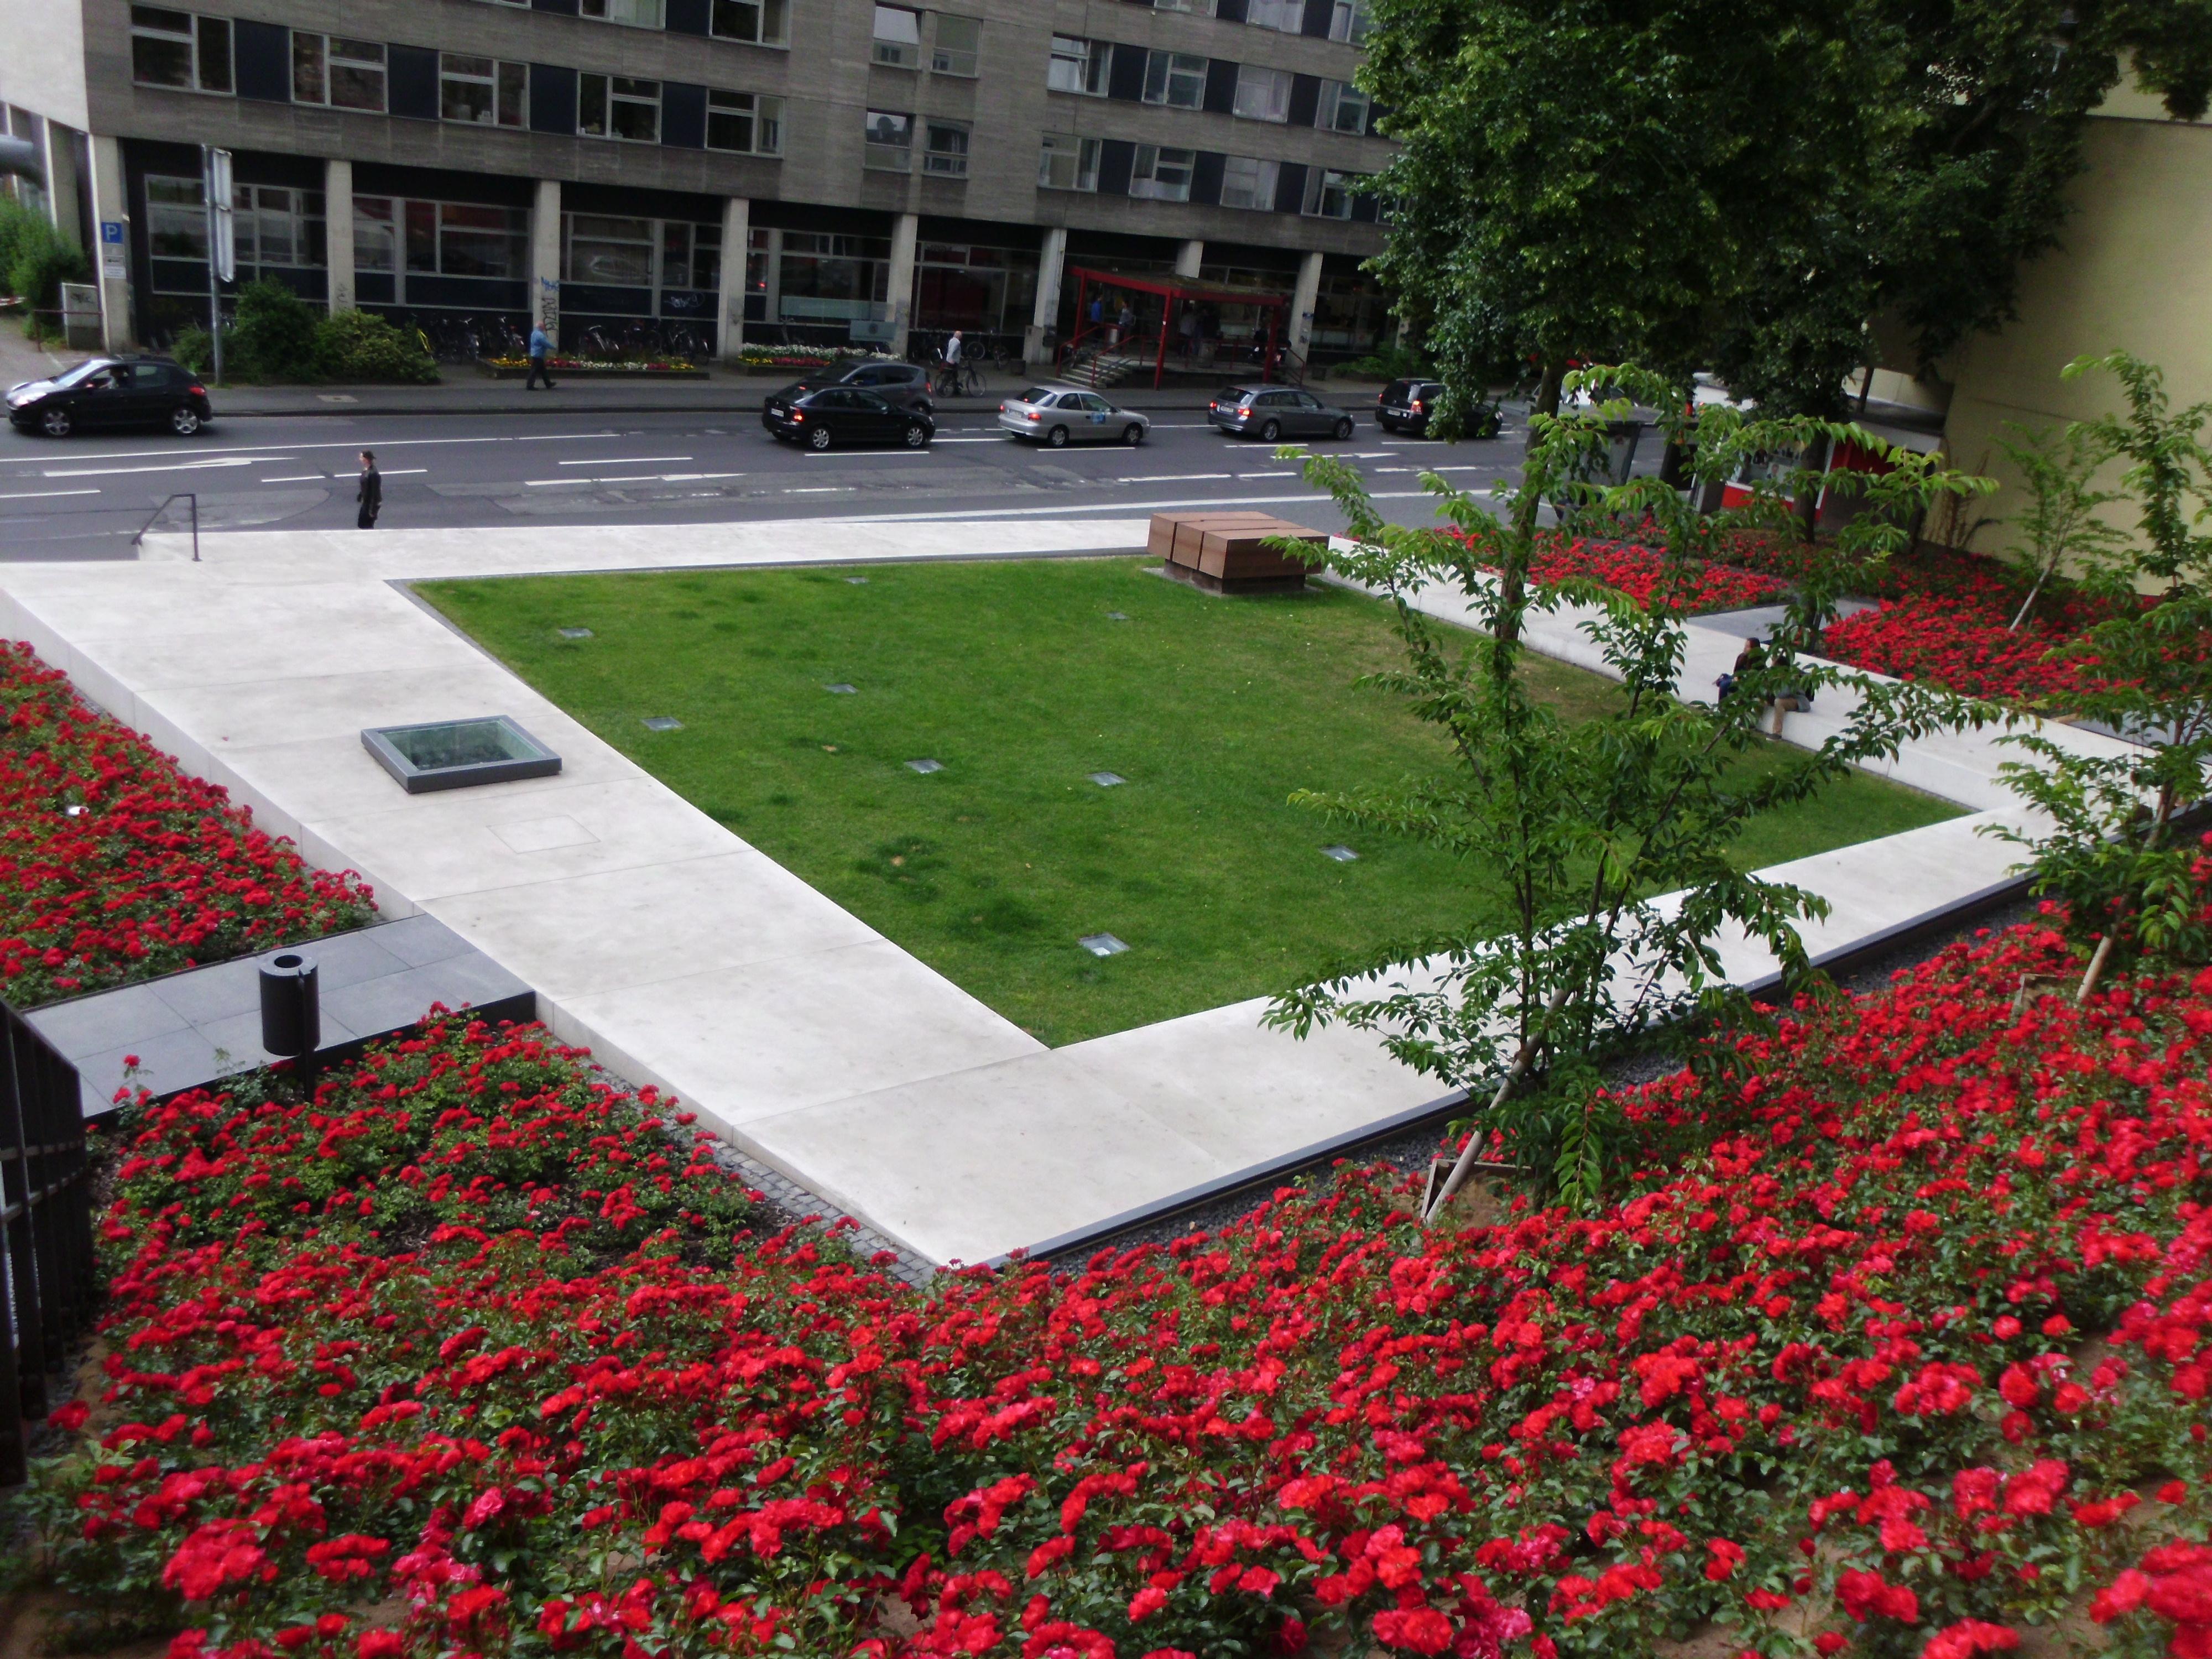 Garten des gedenkens leichte sprache marburg - Garten leichte hanglage ...